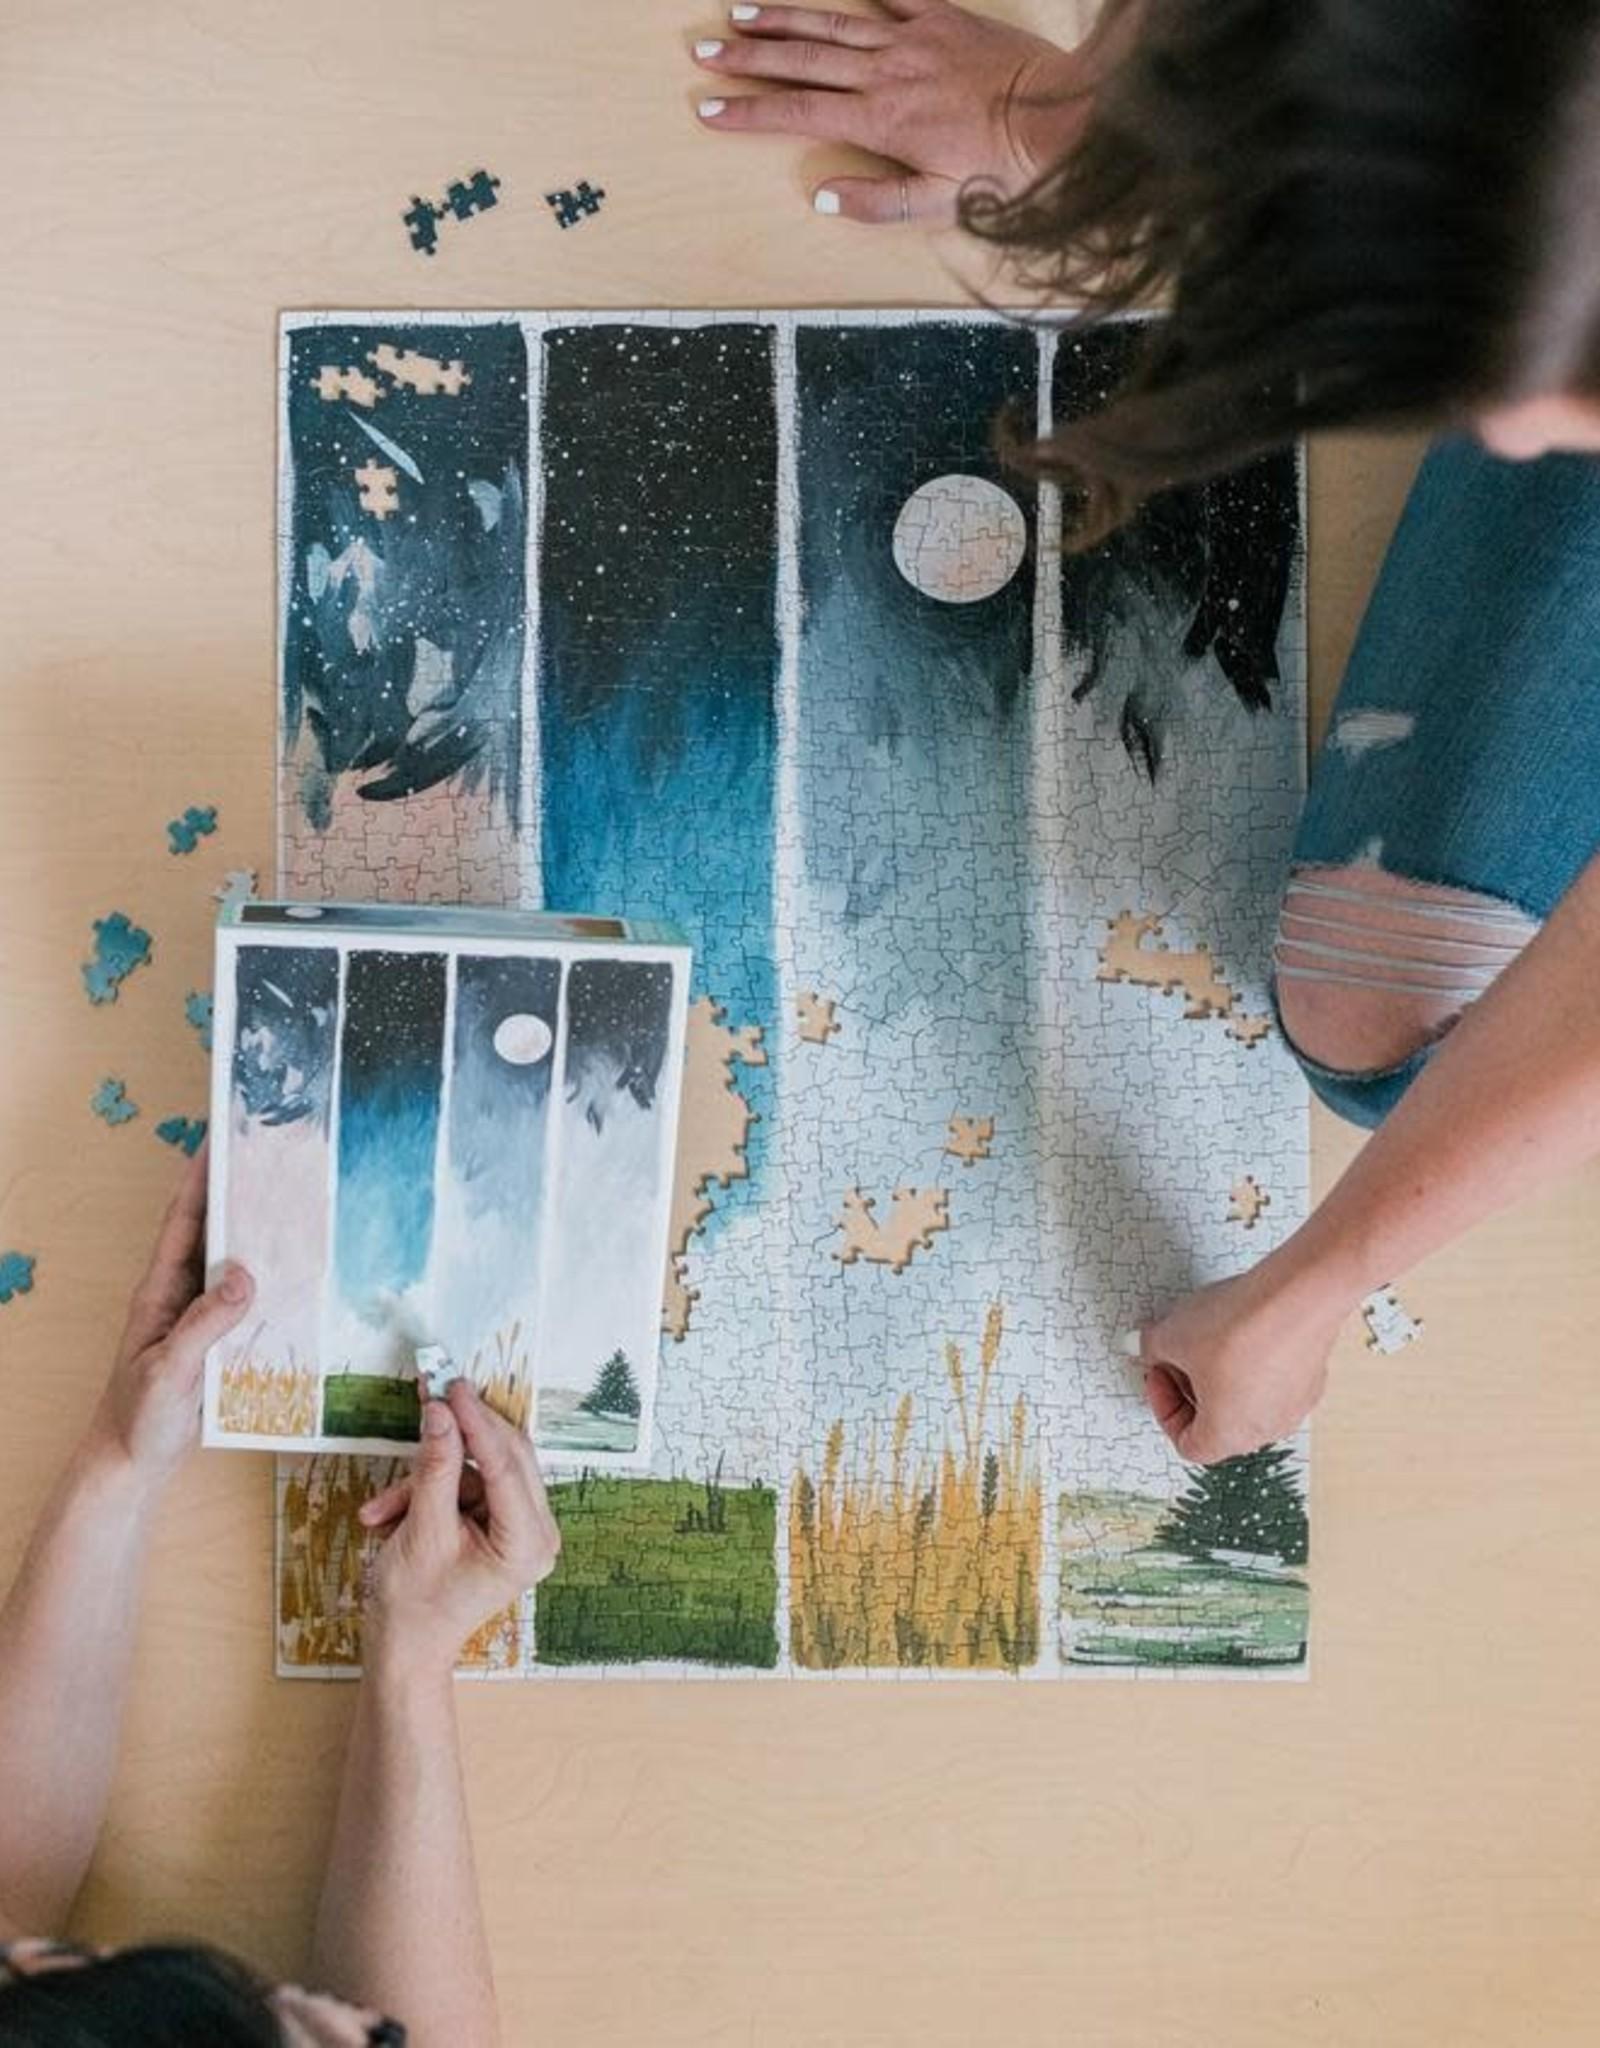 1Canoe2 1canoe2 | starry seasons  1000pc puzzle